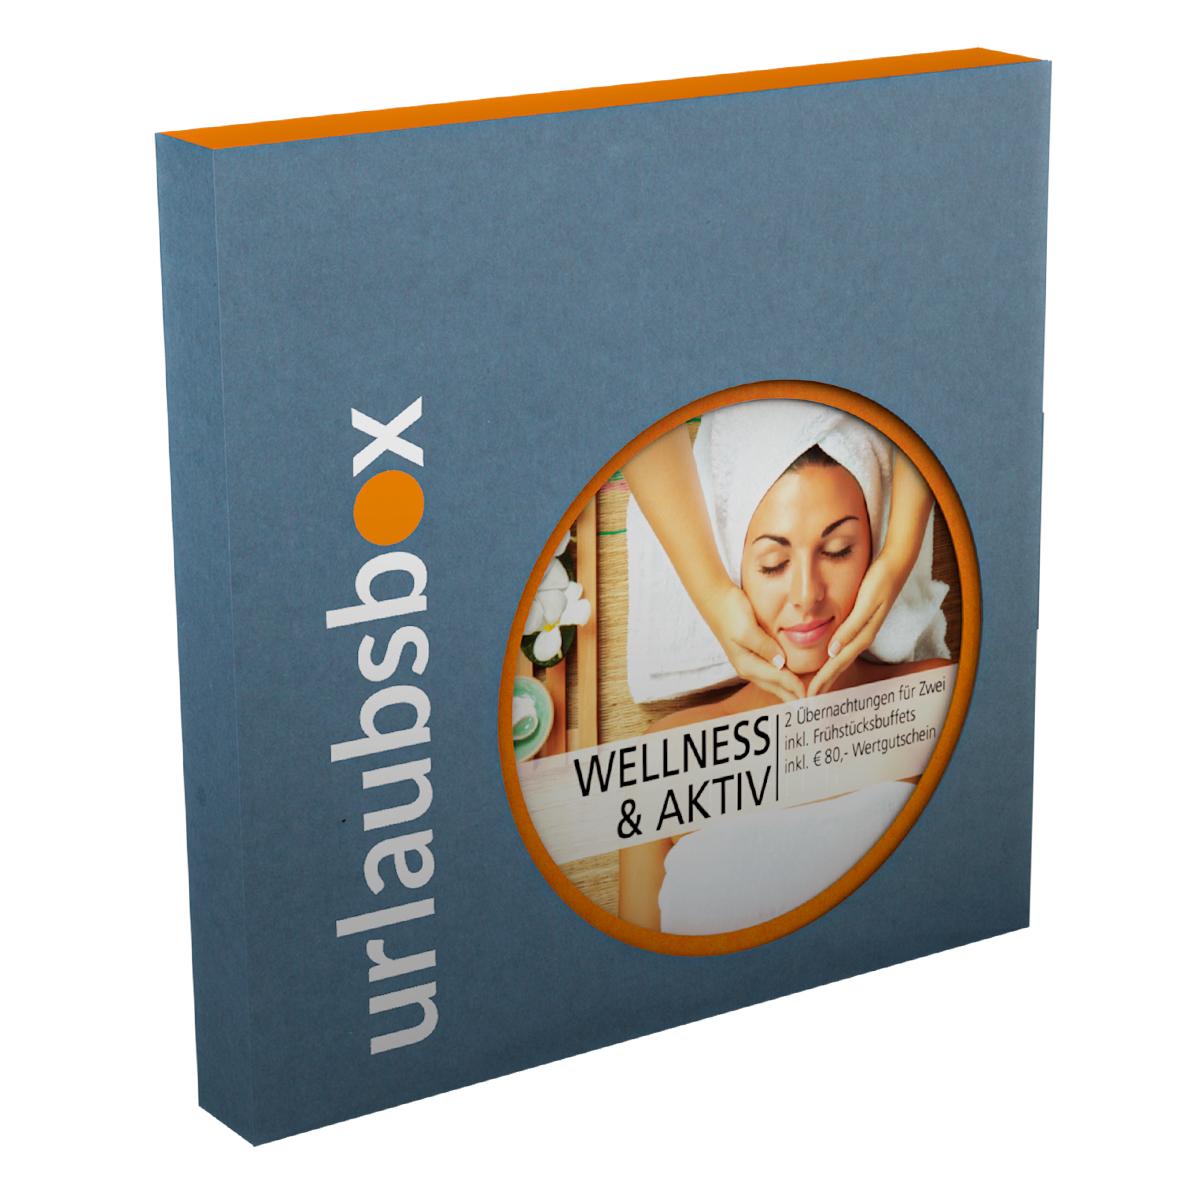 Wellness & Aktivurlaub - Hotelgutschein Deluxe - 2